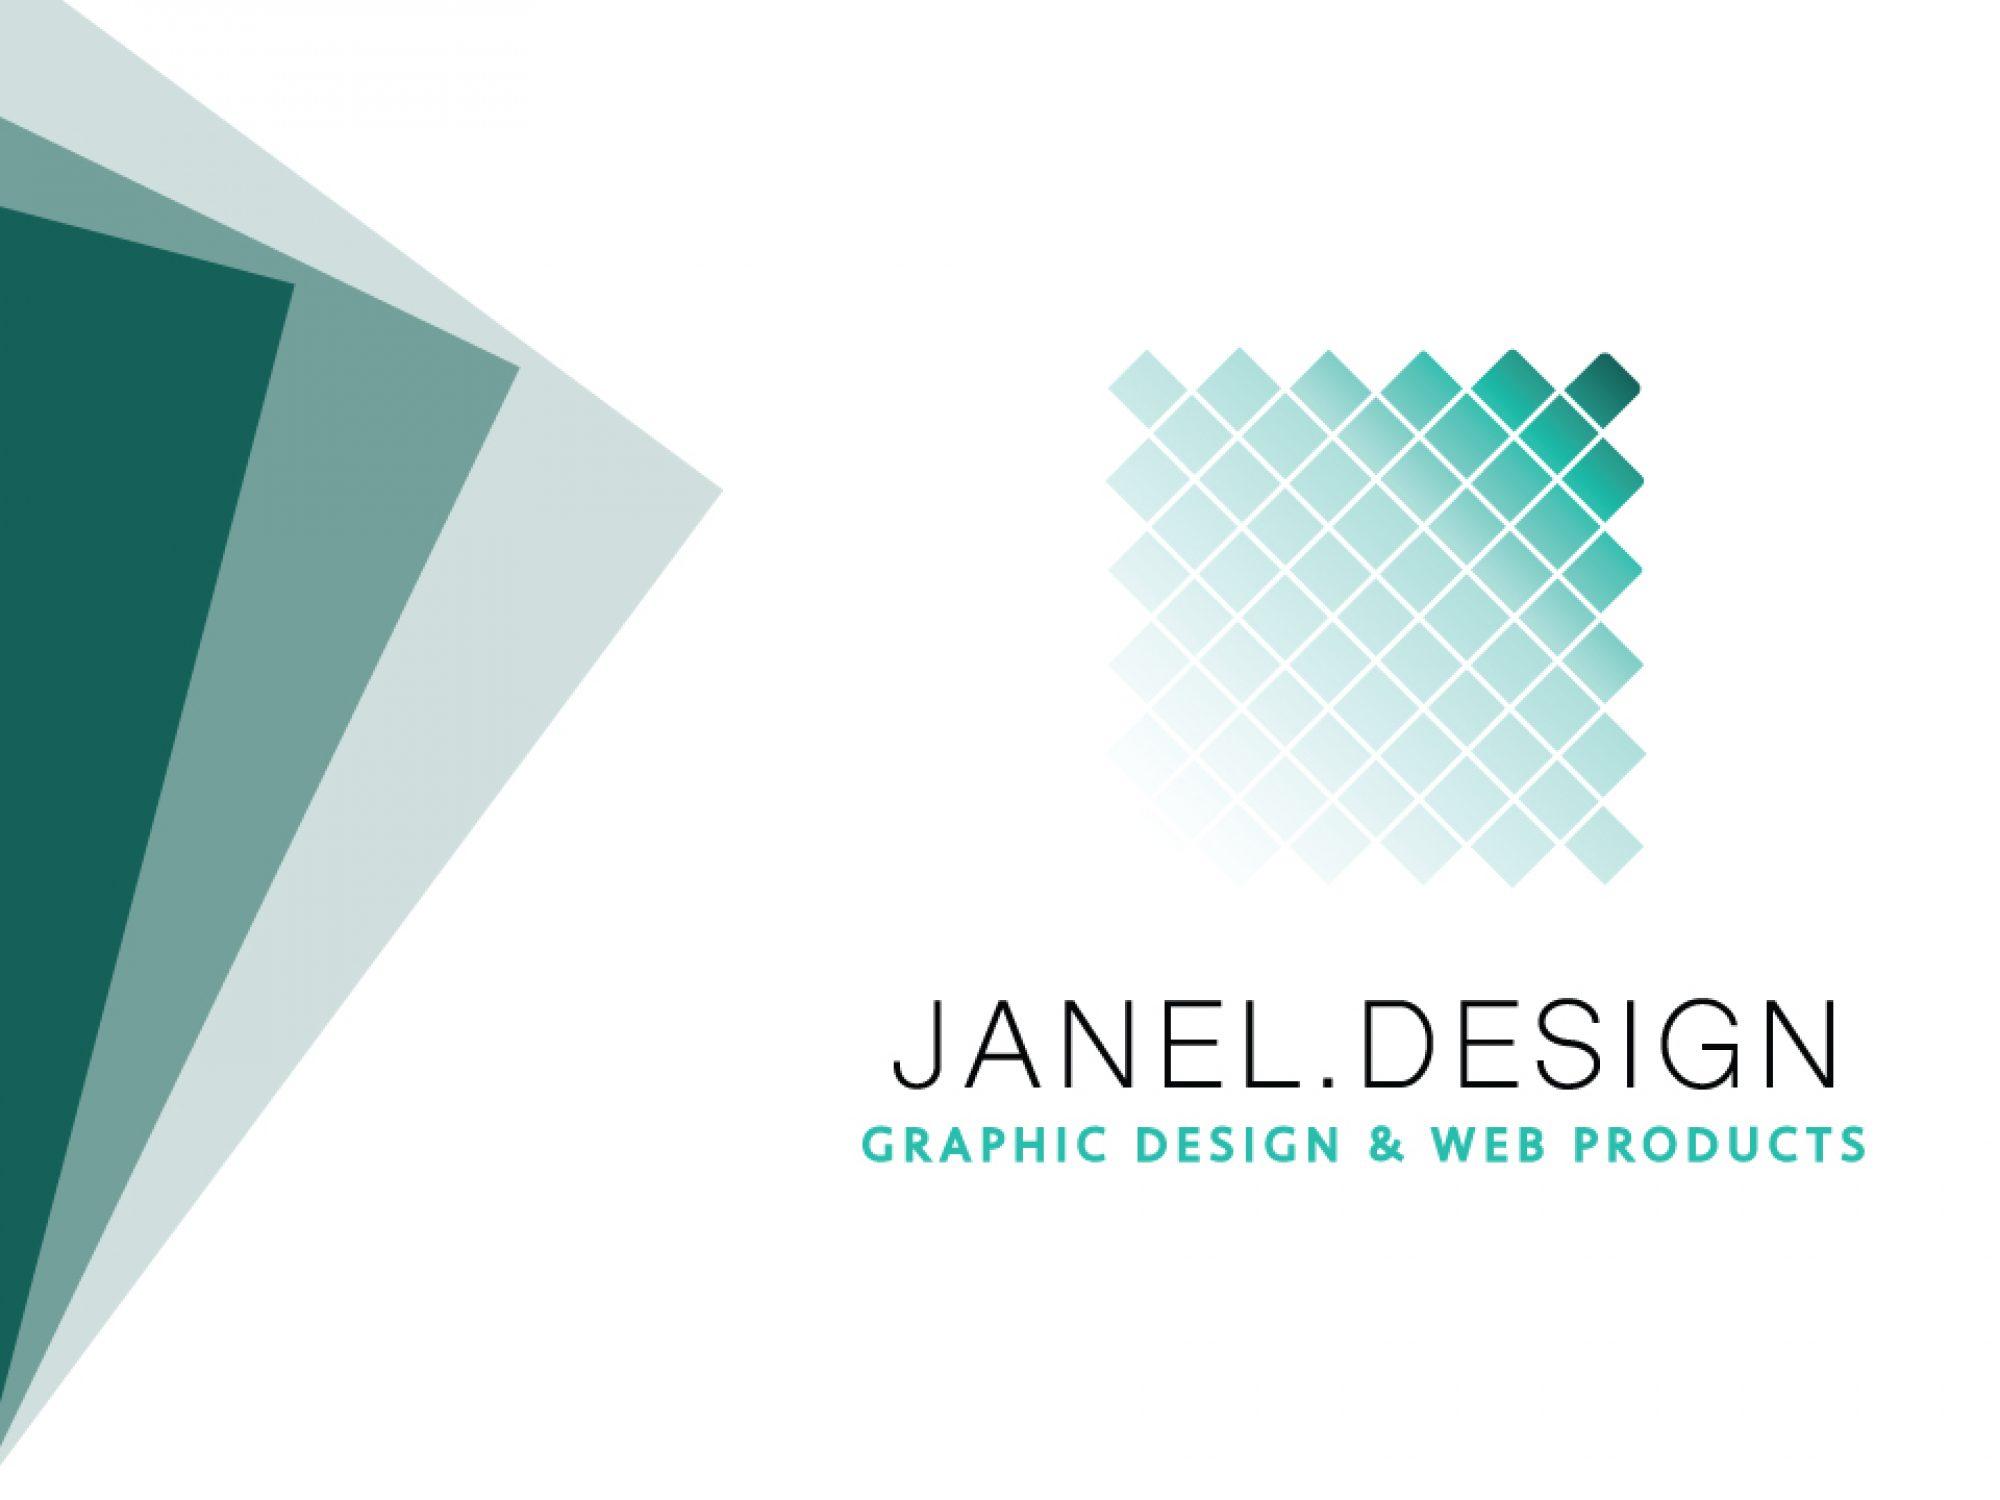 Janel.Design Business Card